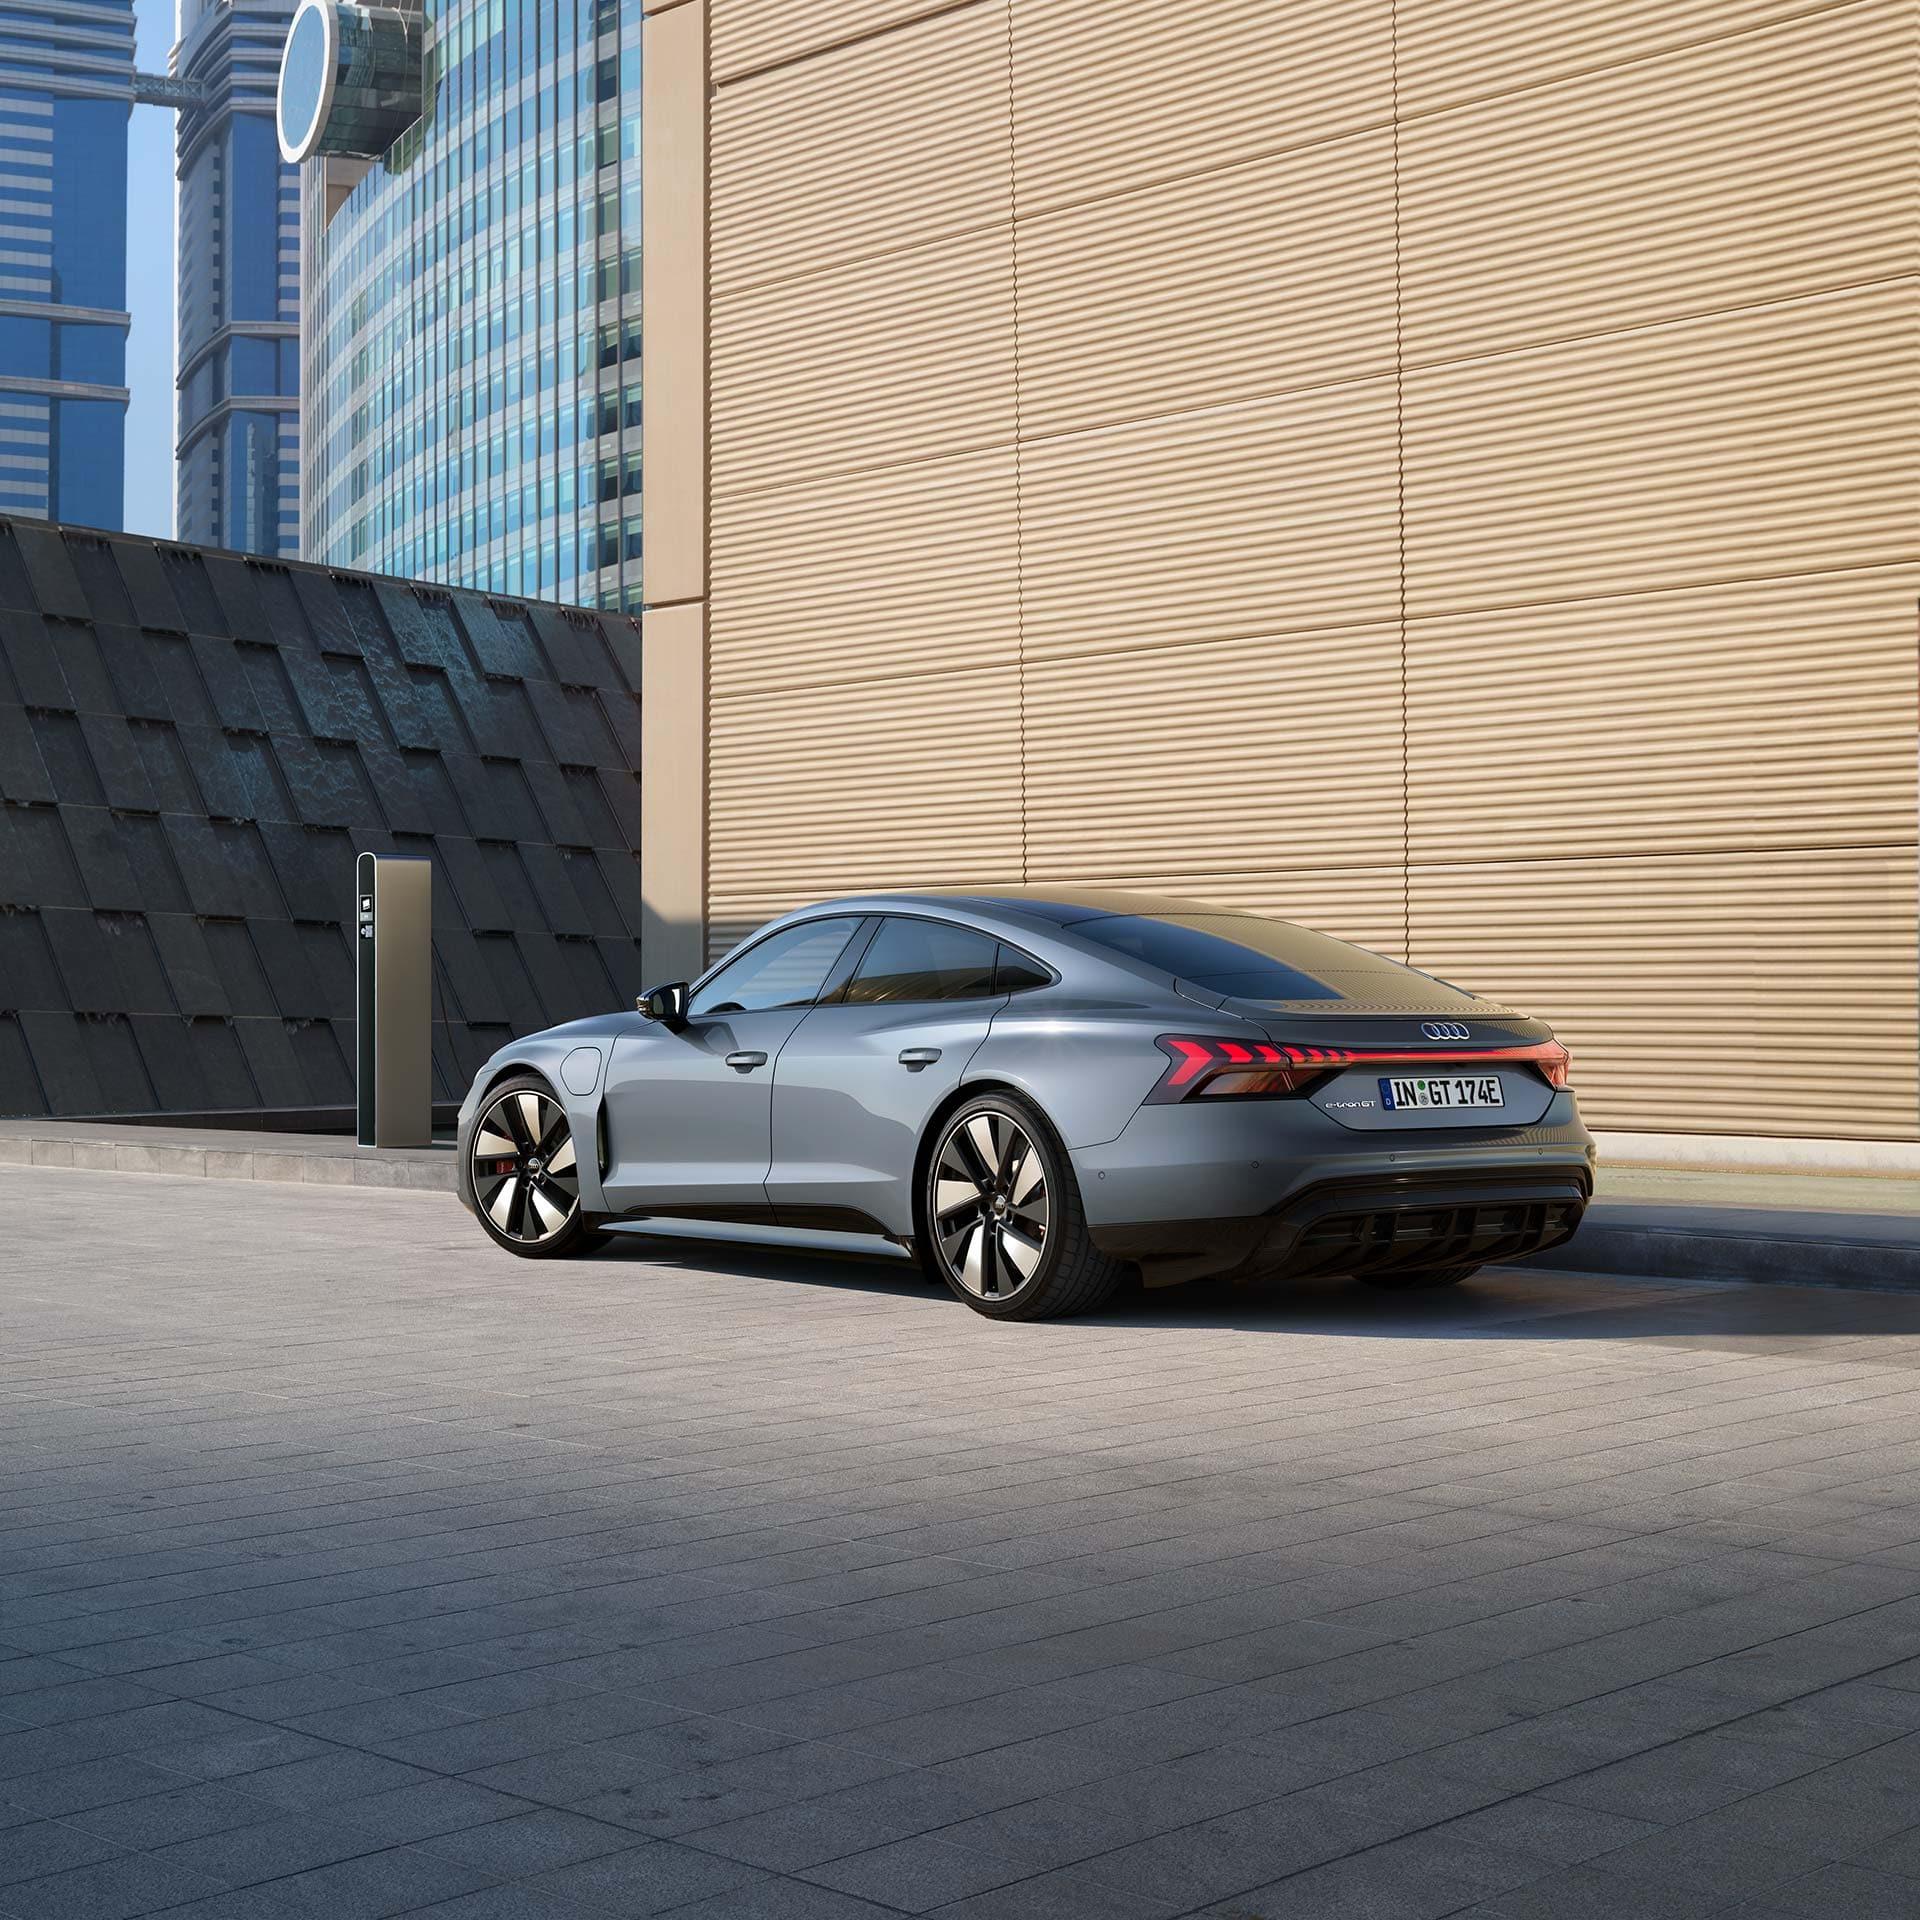 Audi e-tron GT recharge espaces publics